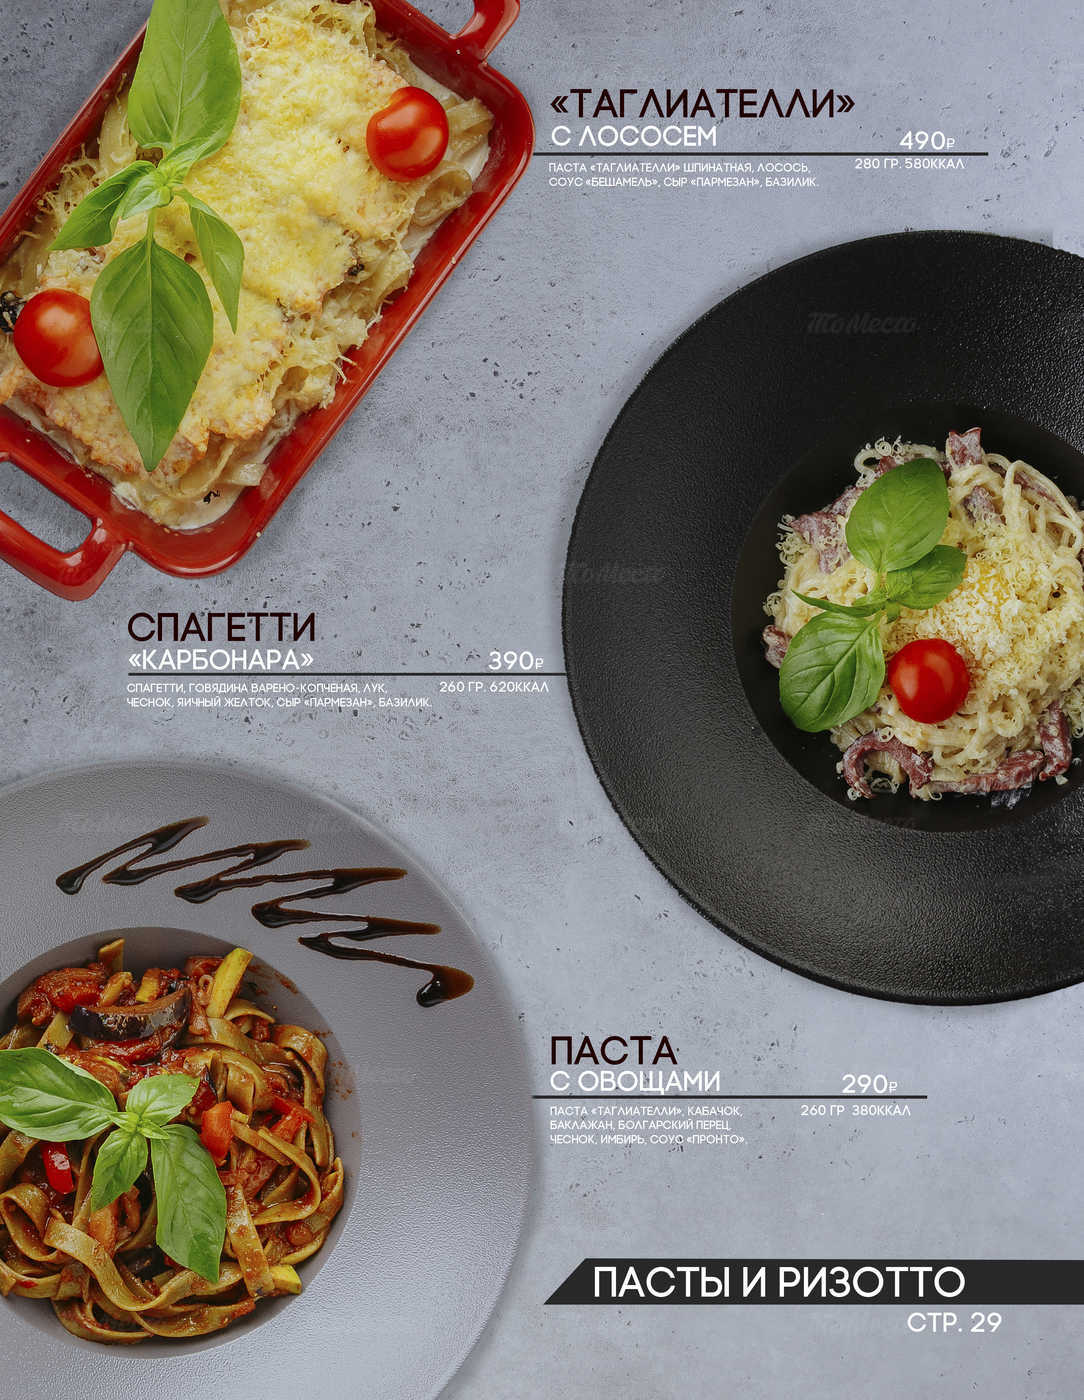 Меню ресторана Эмираты на проспекте Стачек фото 25